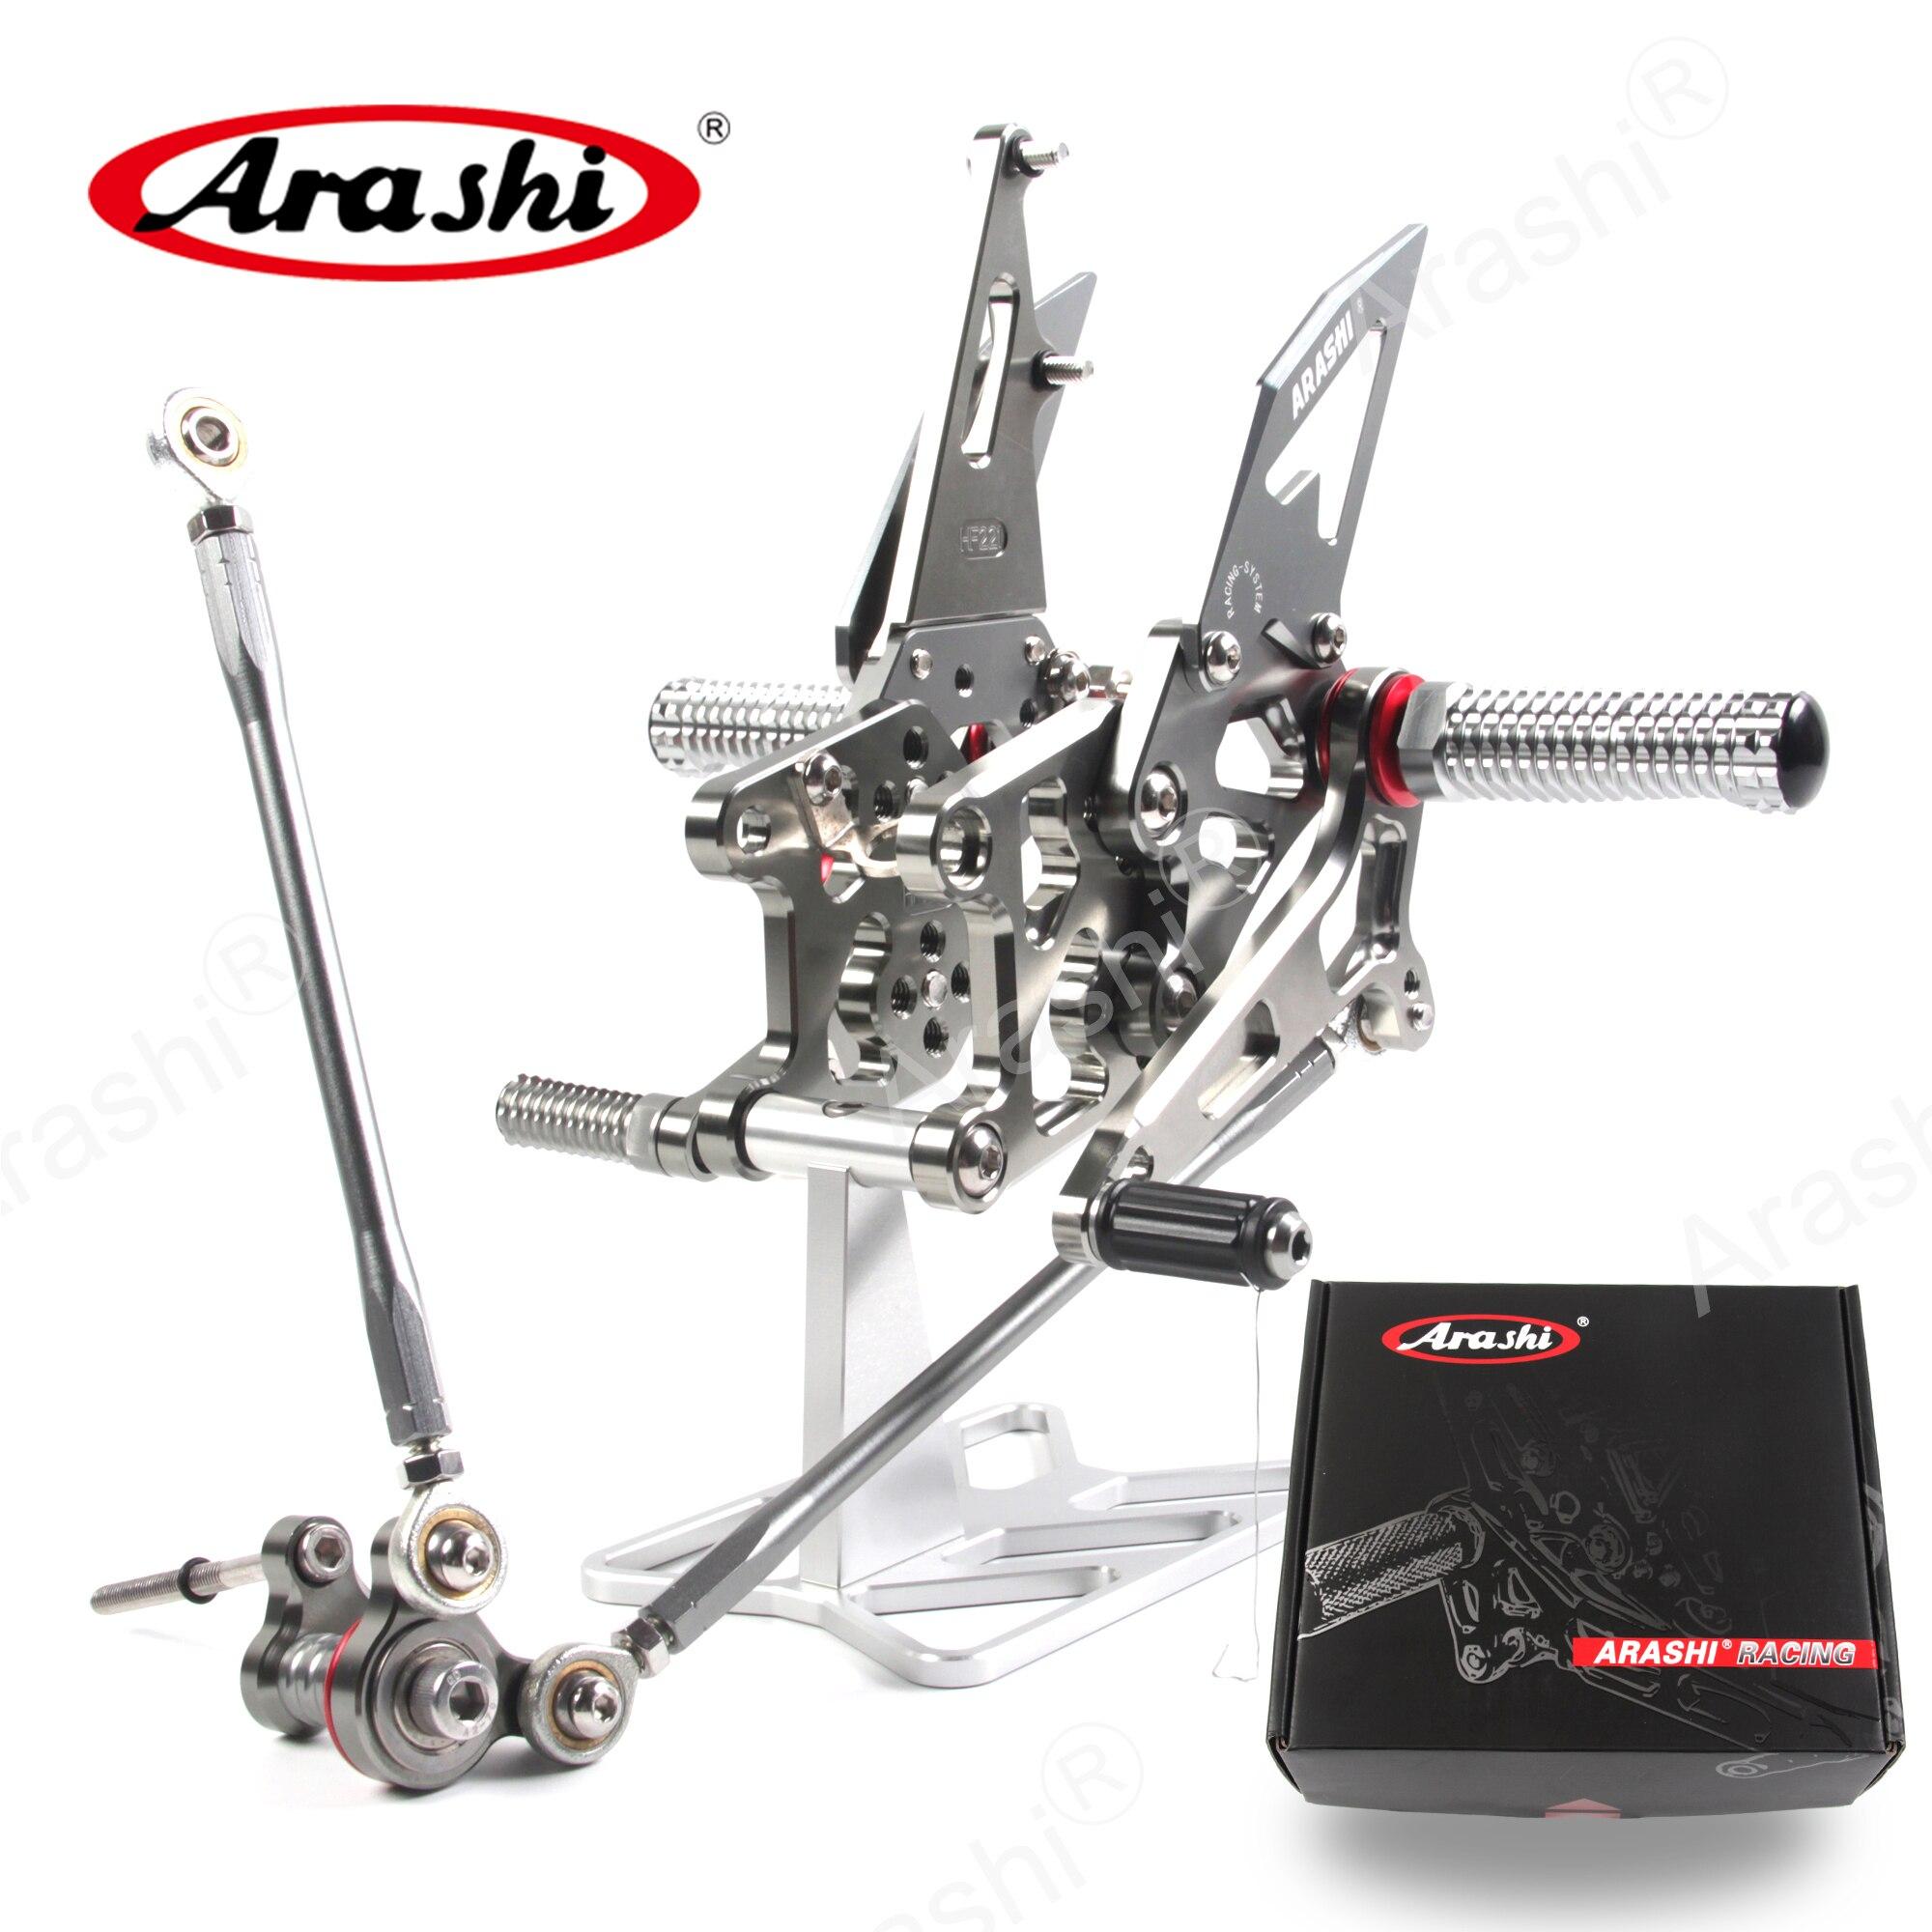 Arashi CBR600RR 2007-2008 CNC Rider Adjustable Footrest Foot Pegs For HONDA CBR 600 CBR600 RR 2007 2008 Rear Foot Rest Rearsets